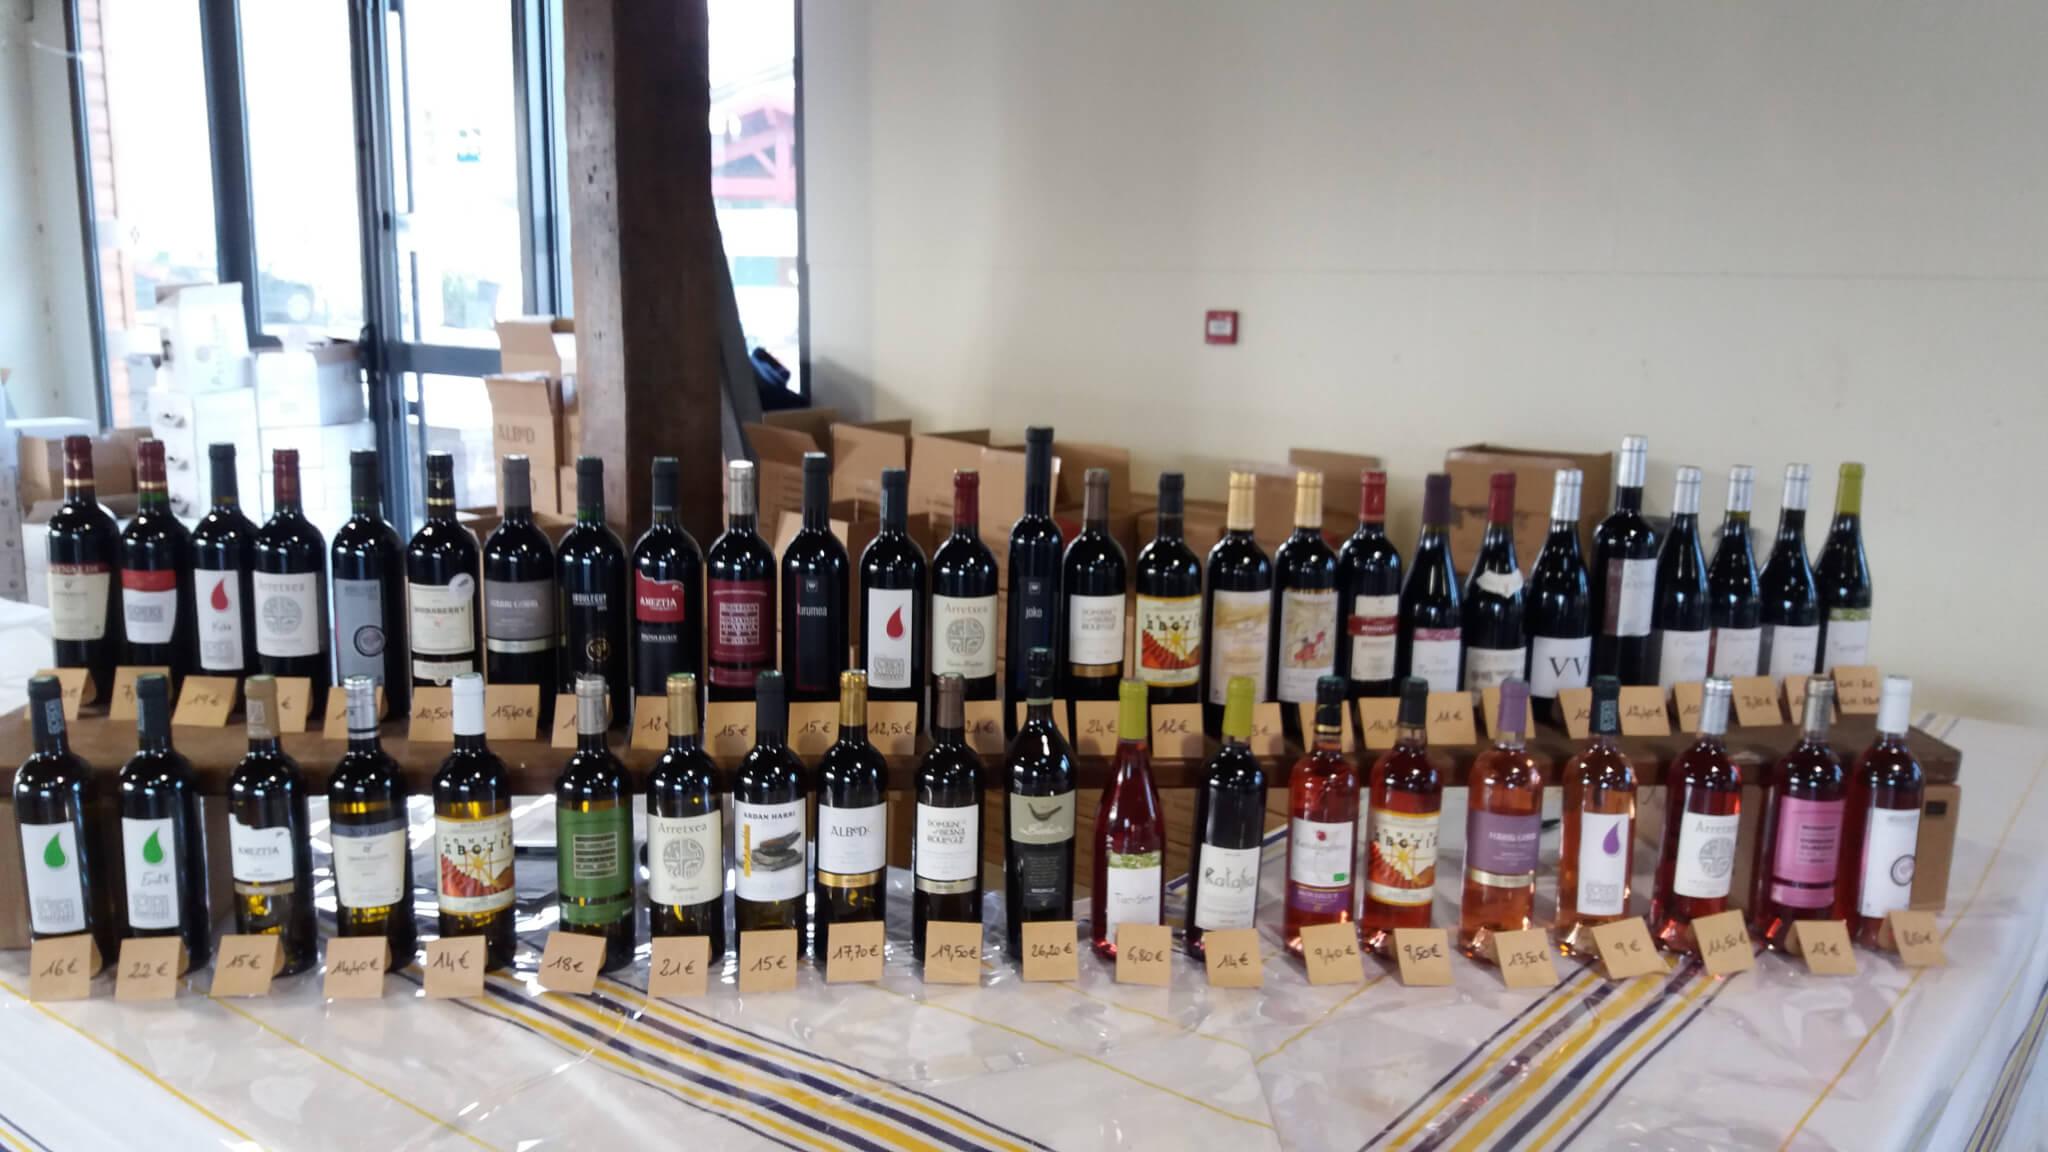 Salon professionnel des vins d'Irouléguy